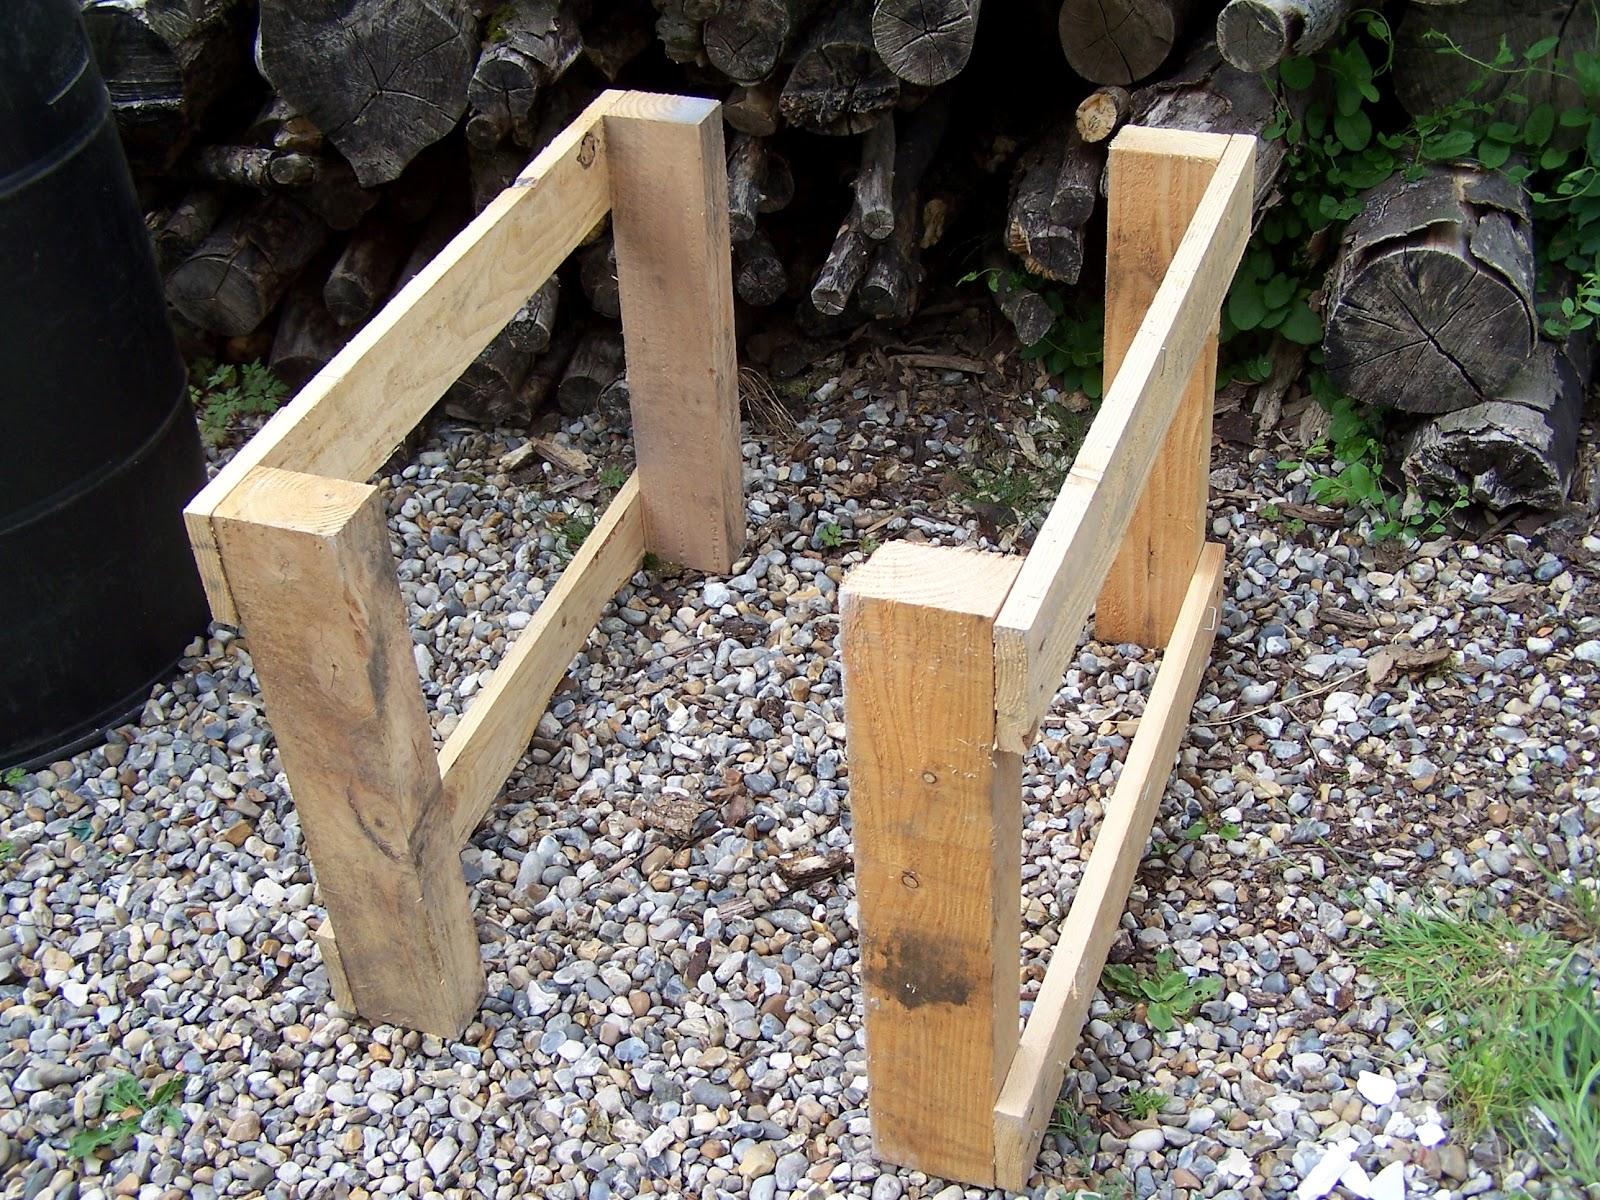 Ecolo bio nature permaculture urbaine et jardinage bio construction d 39 - Fabriquer des pieds de table ...